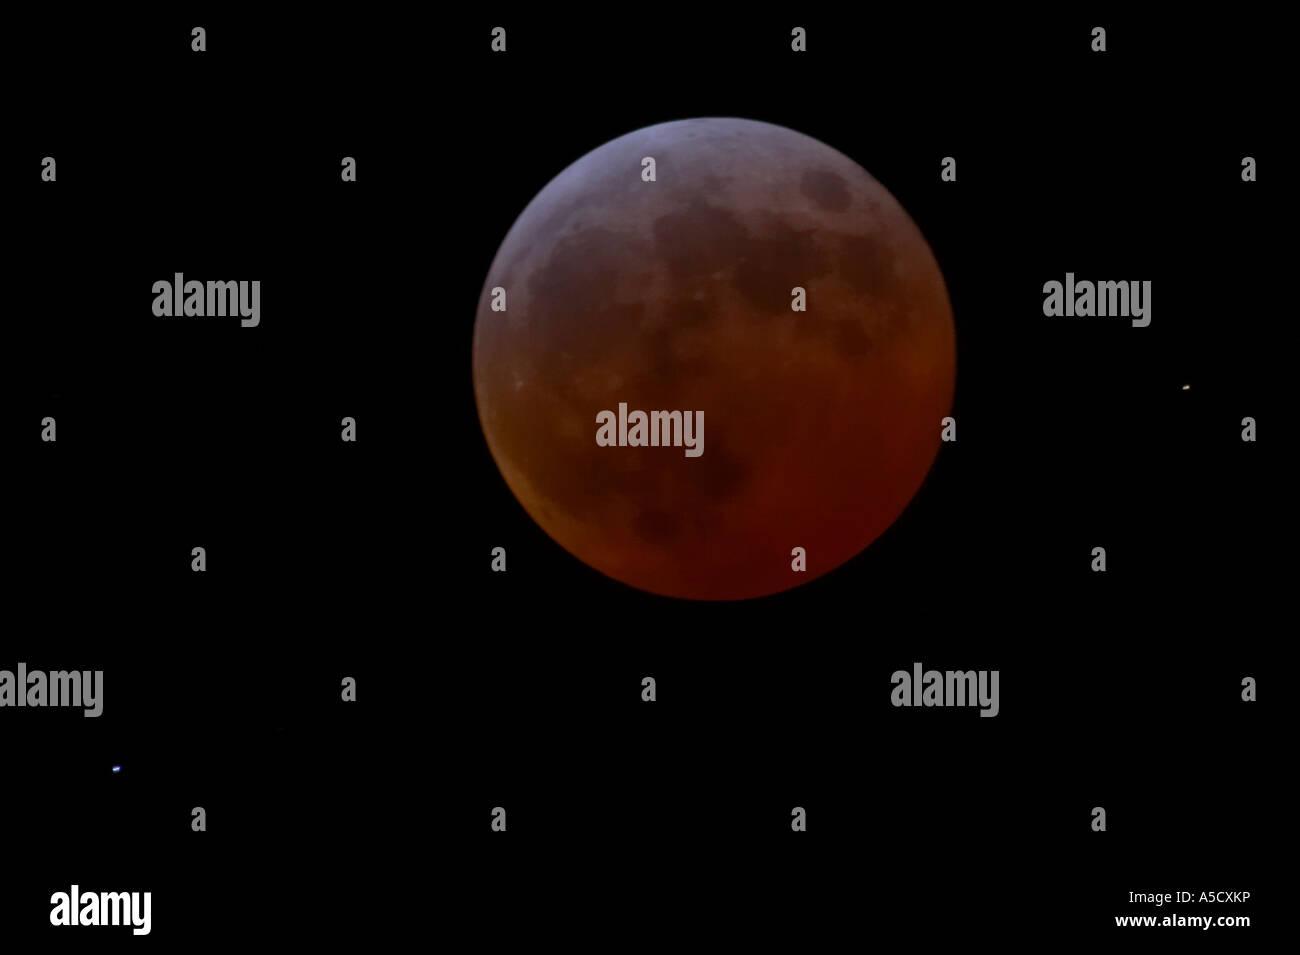 Der Mond leuchtet Ziegelrot während der totalität einer totale Mondfinsternis in Fortschritt als aus Nordirland Stockbild